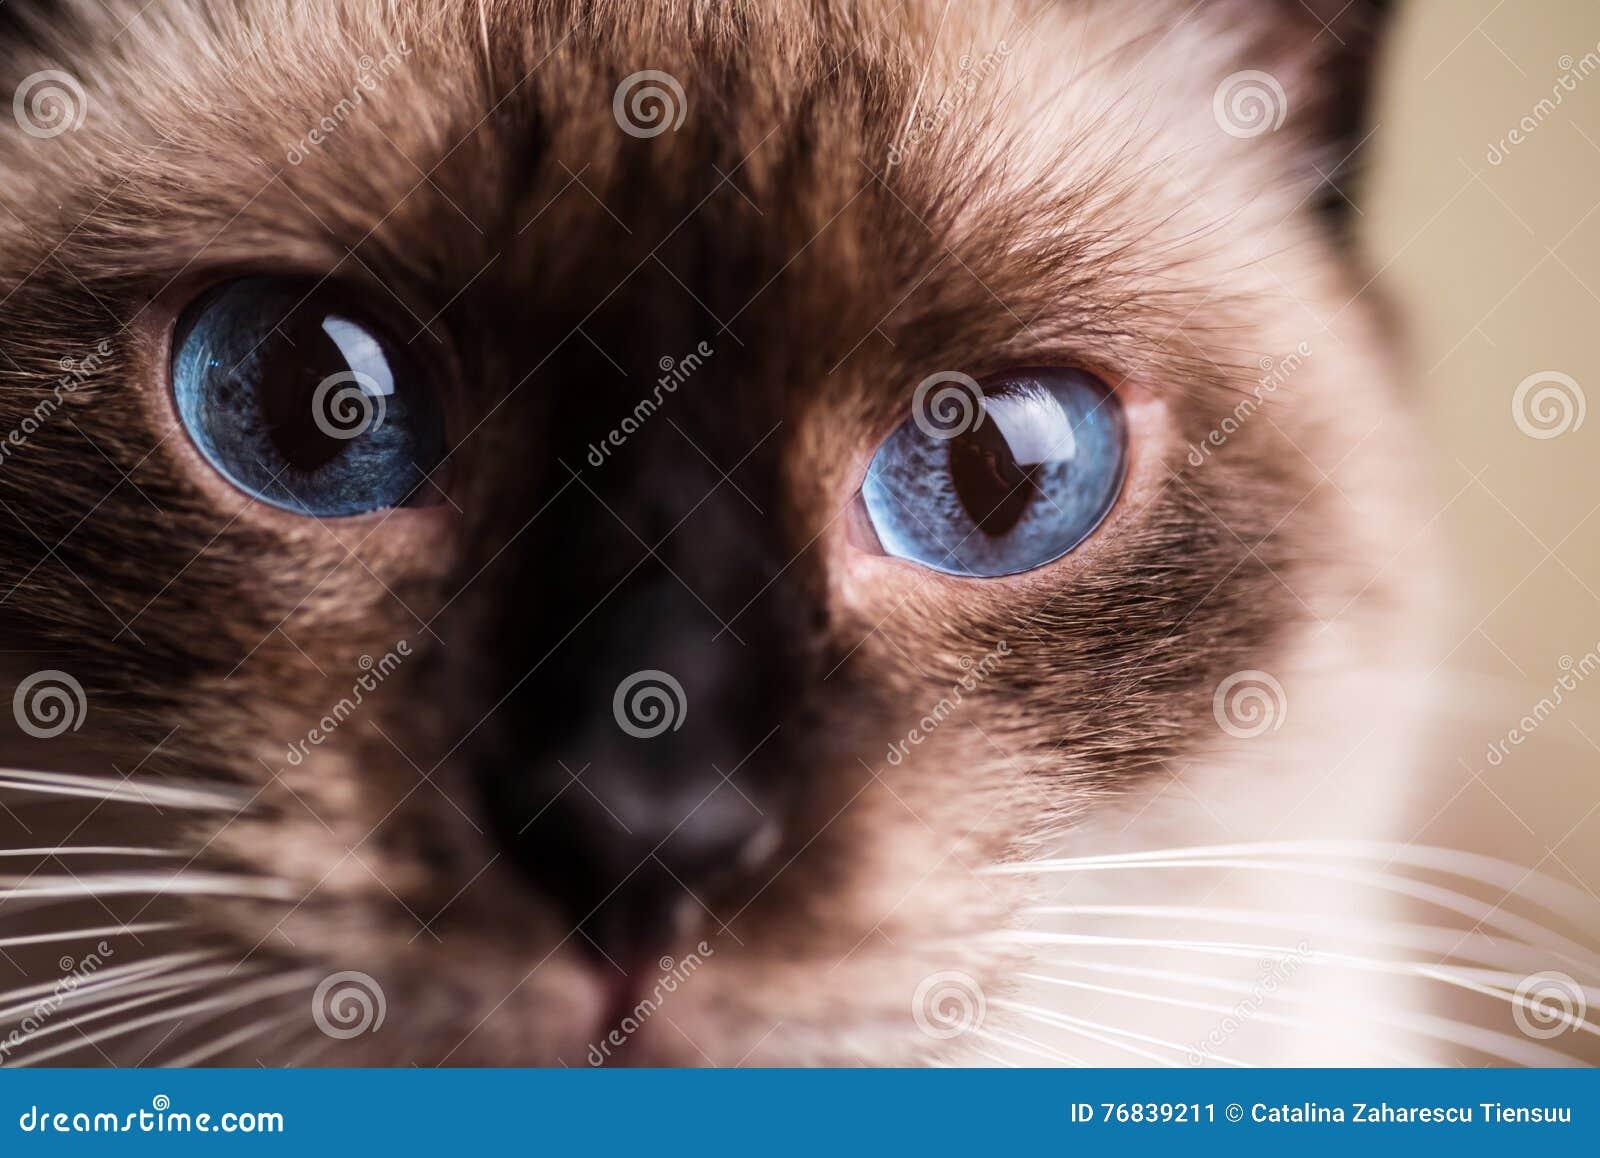 Macro dos olhos de gato azul